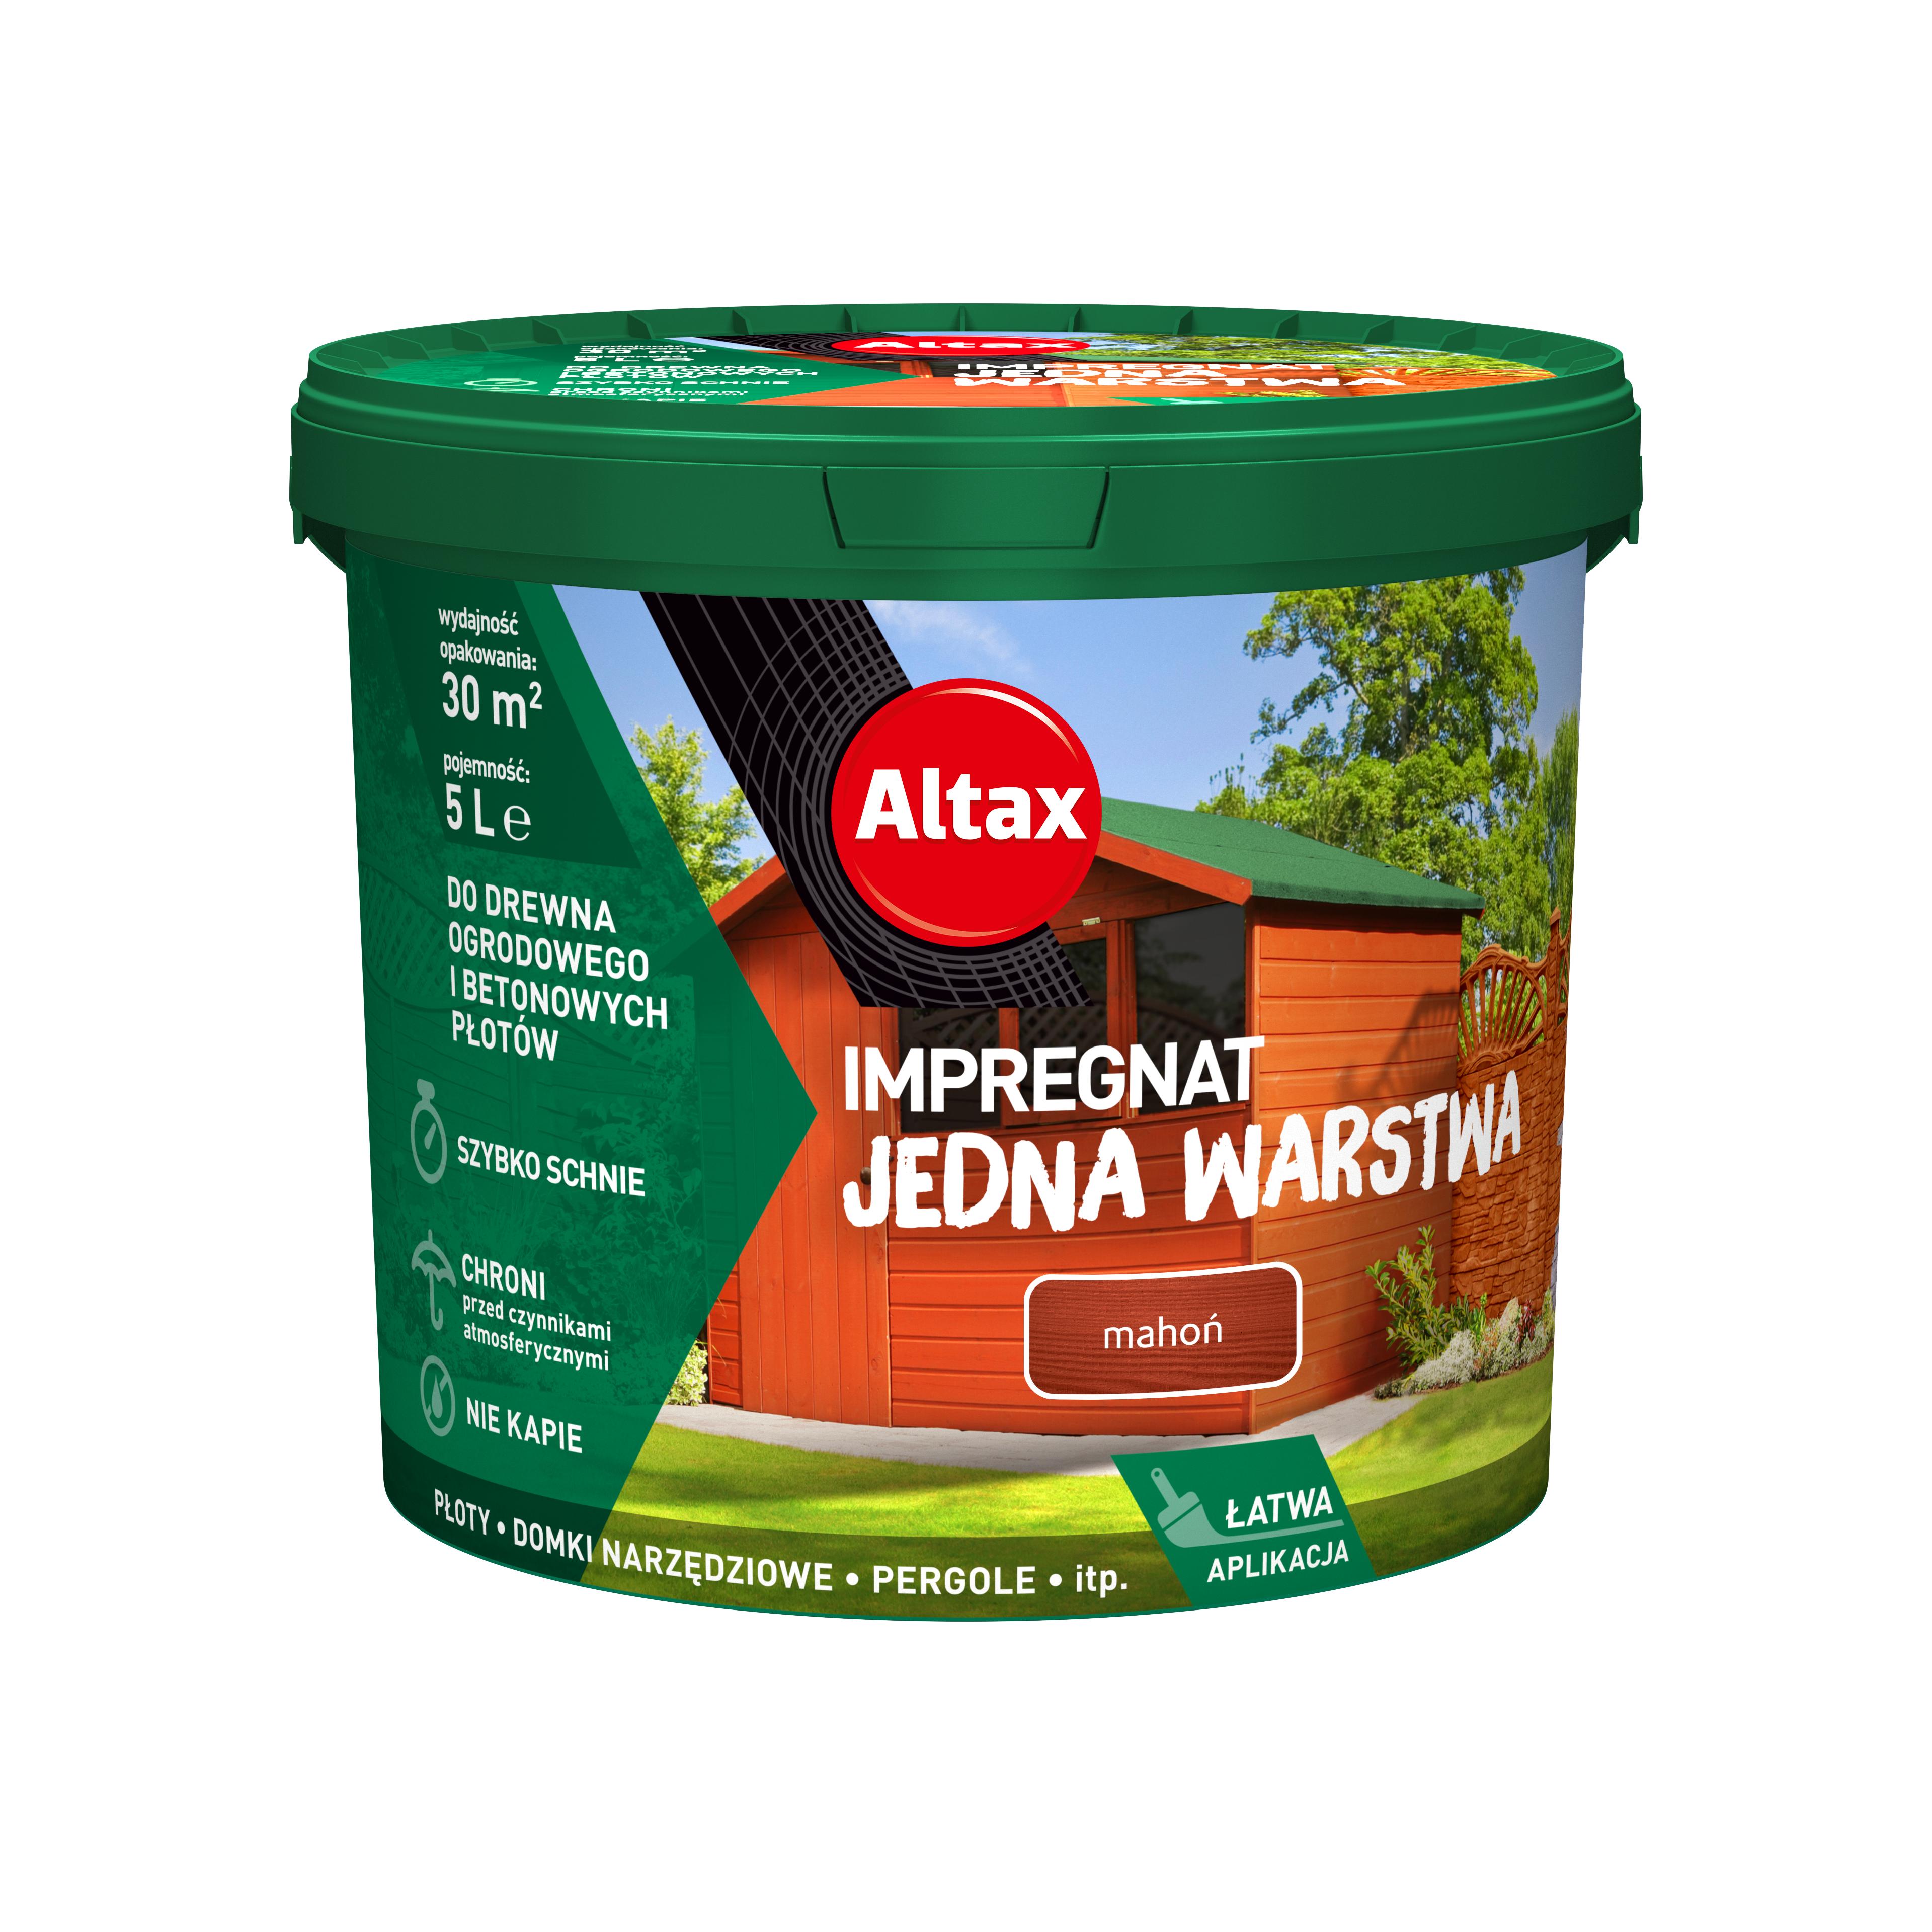 Altax Impregnat 5L Do Drewna Ogrodowego Jedna Warstwa Mahoń